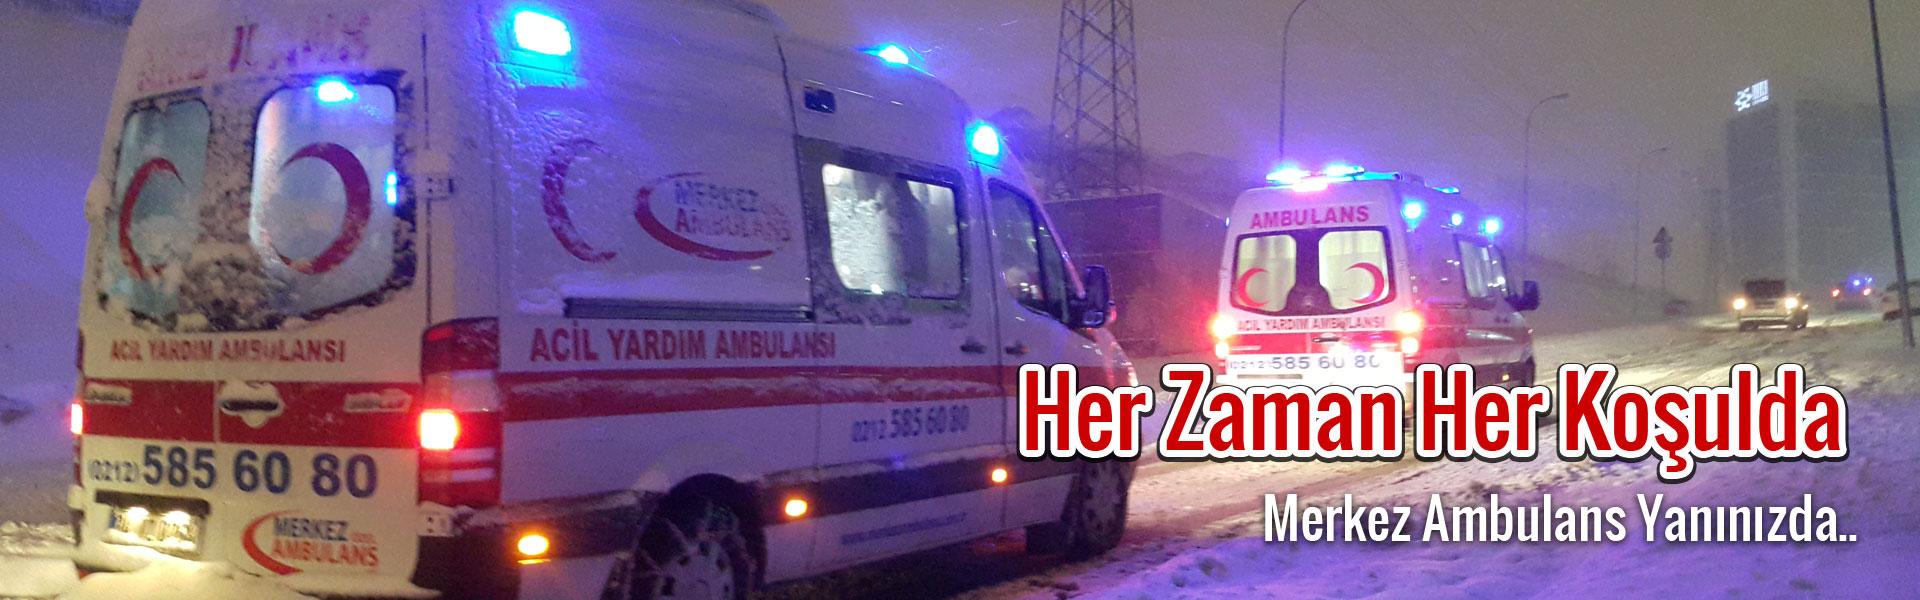 merkez-ozel-ambulans-acil-yardim-ambulanslari-karda-hastaya-ilk-yardima-gidiyor